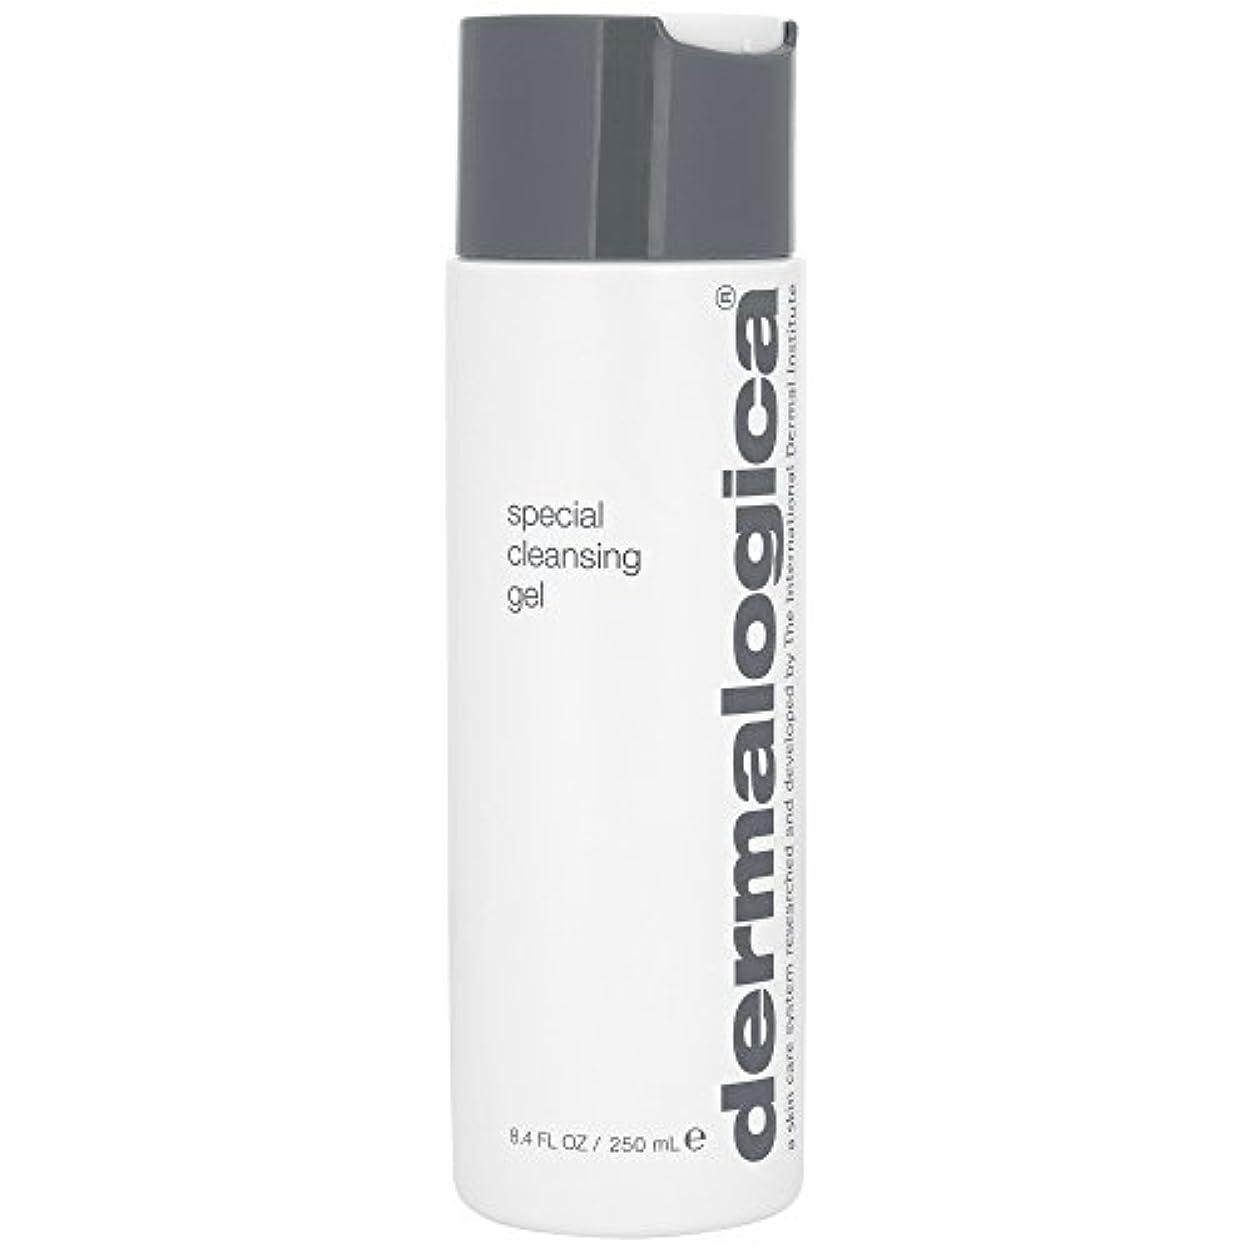 散らすパースコメンテーターダーマロジカ特別なクレンジングゲル250ミリリットル (Dermalogica) (x2) - Dermalogica Special Cleansing Gel 250ml (Pack of 2) [並行輸入品]